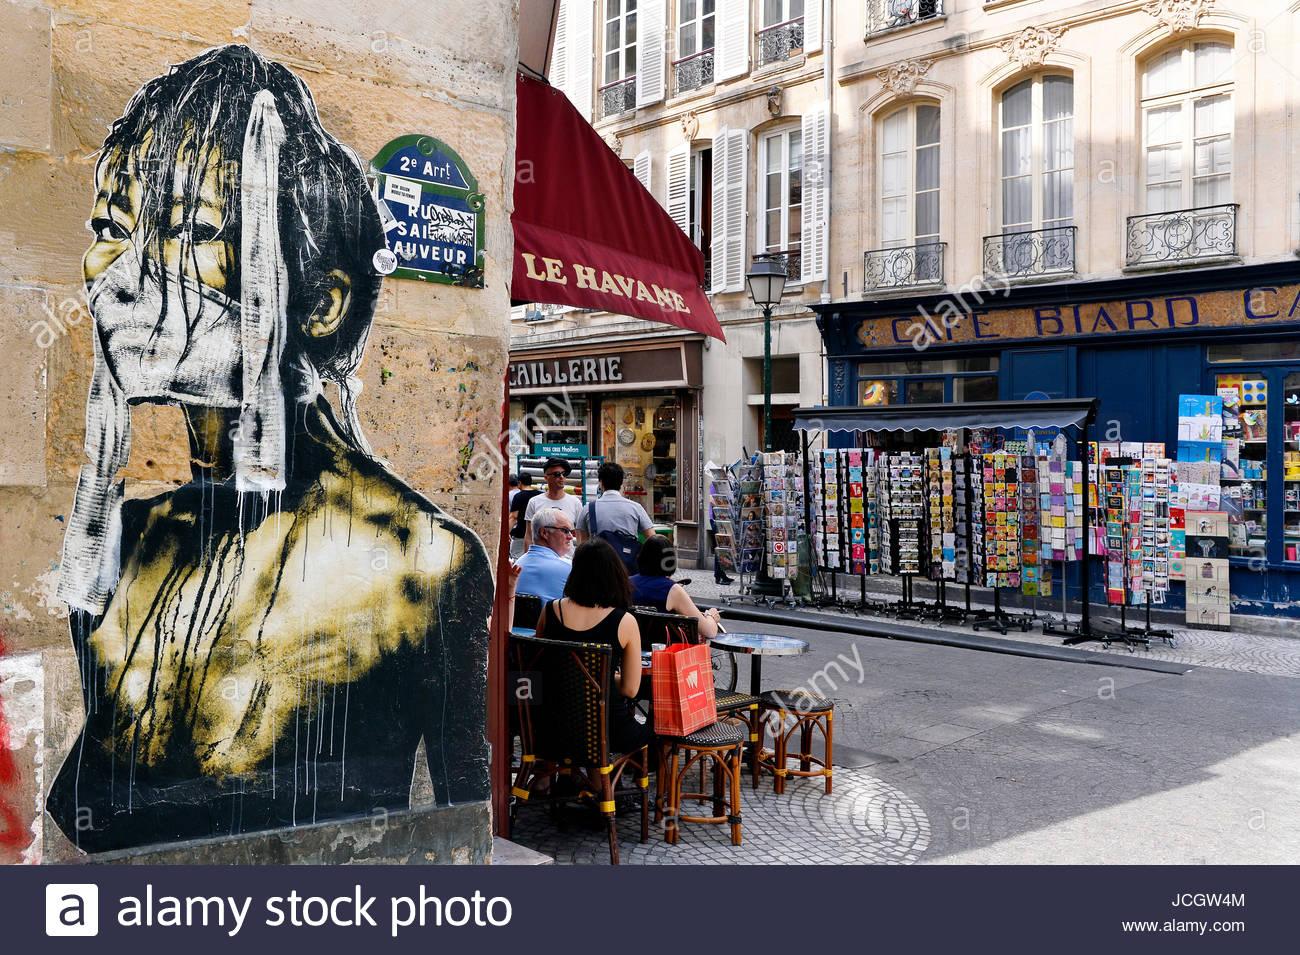 Café rue Montorgueil, Paris 2th, France - Stock Image